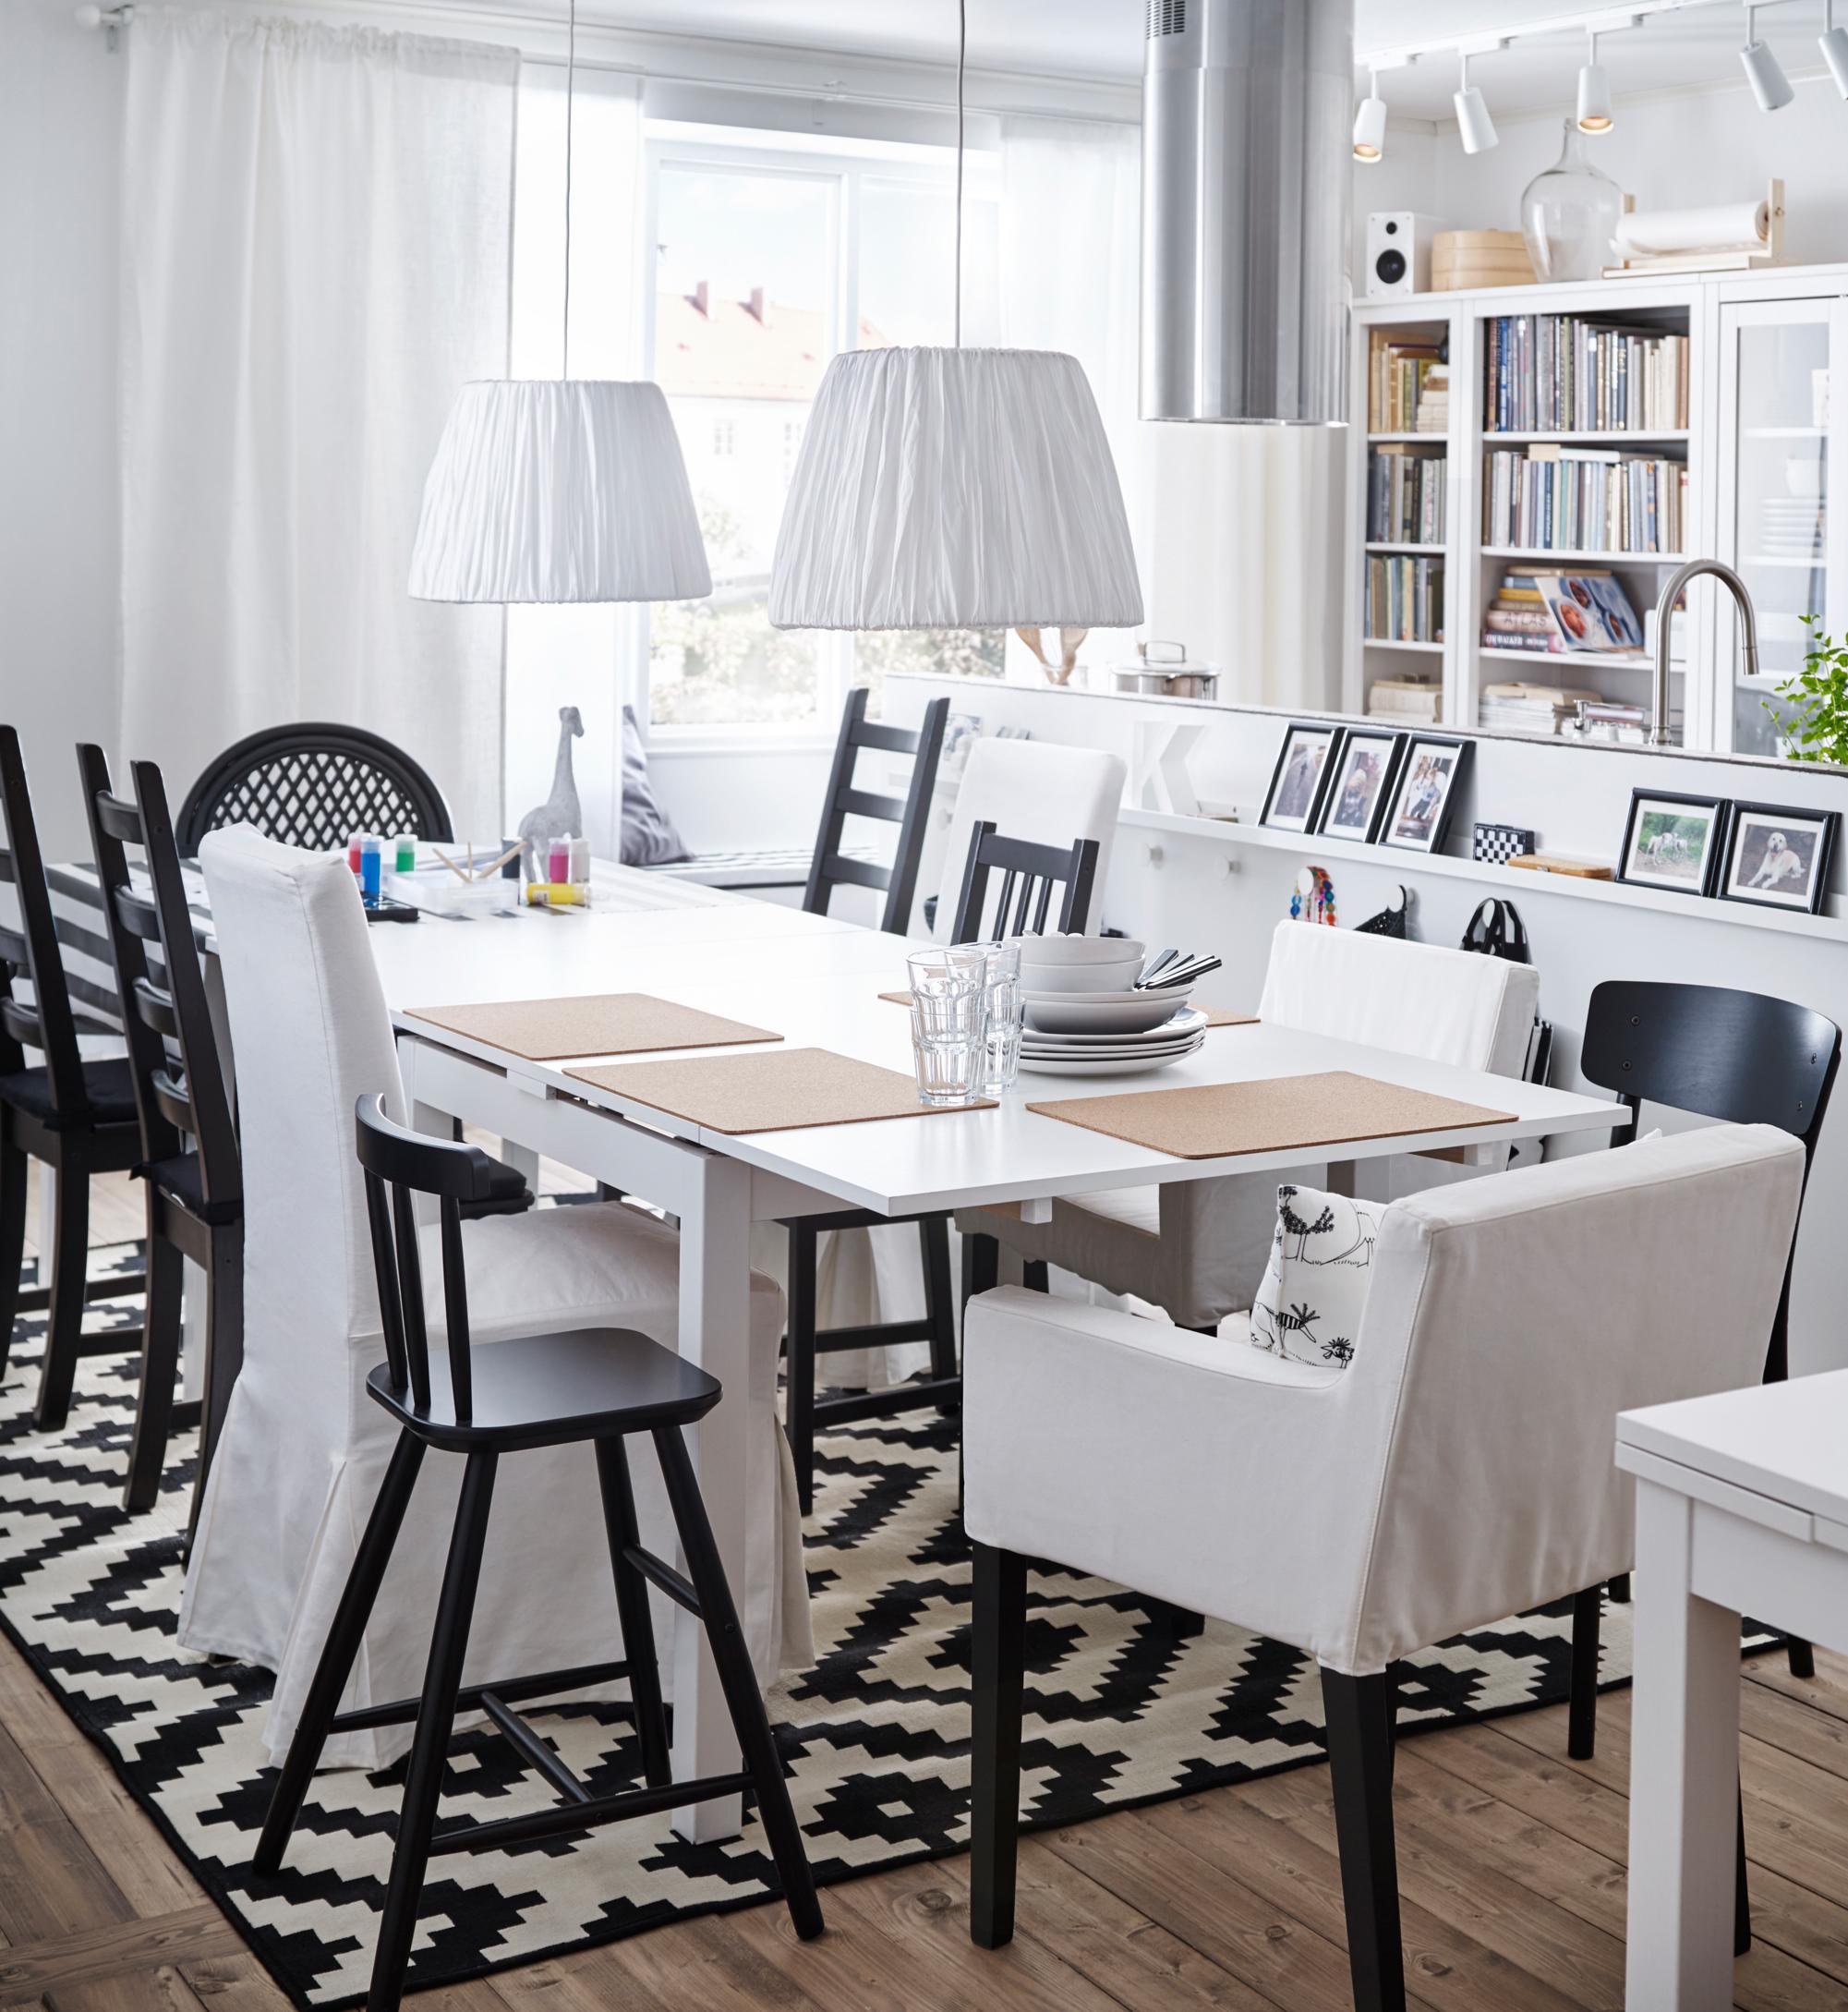 Esszimmer in Schwarz-Weiß #wohnzimmer #esstisch #ike...